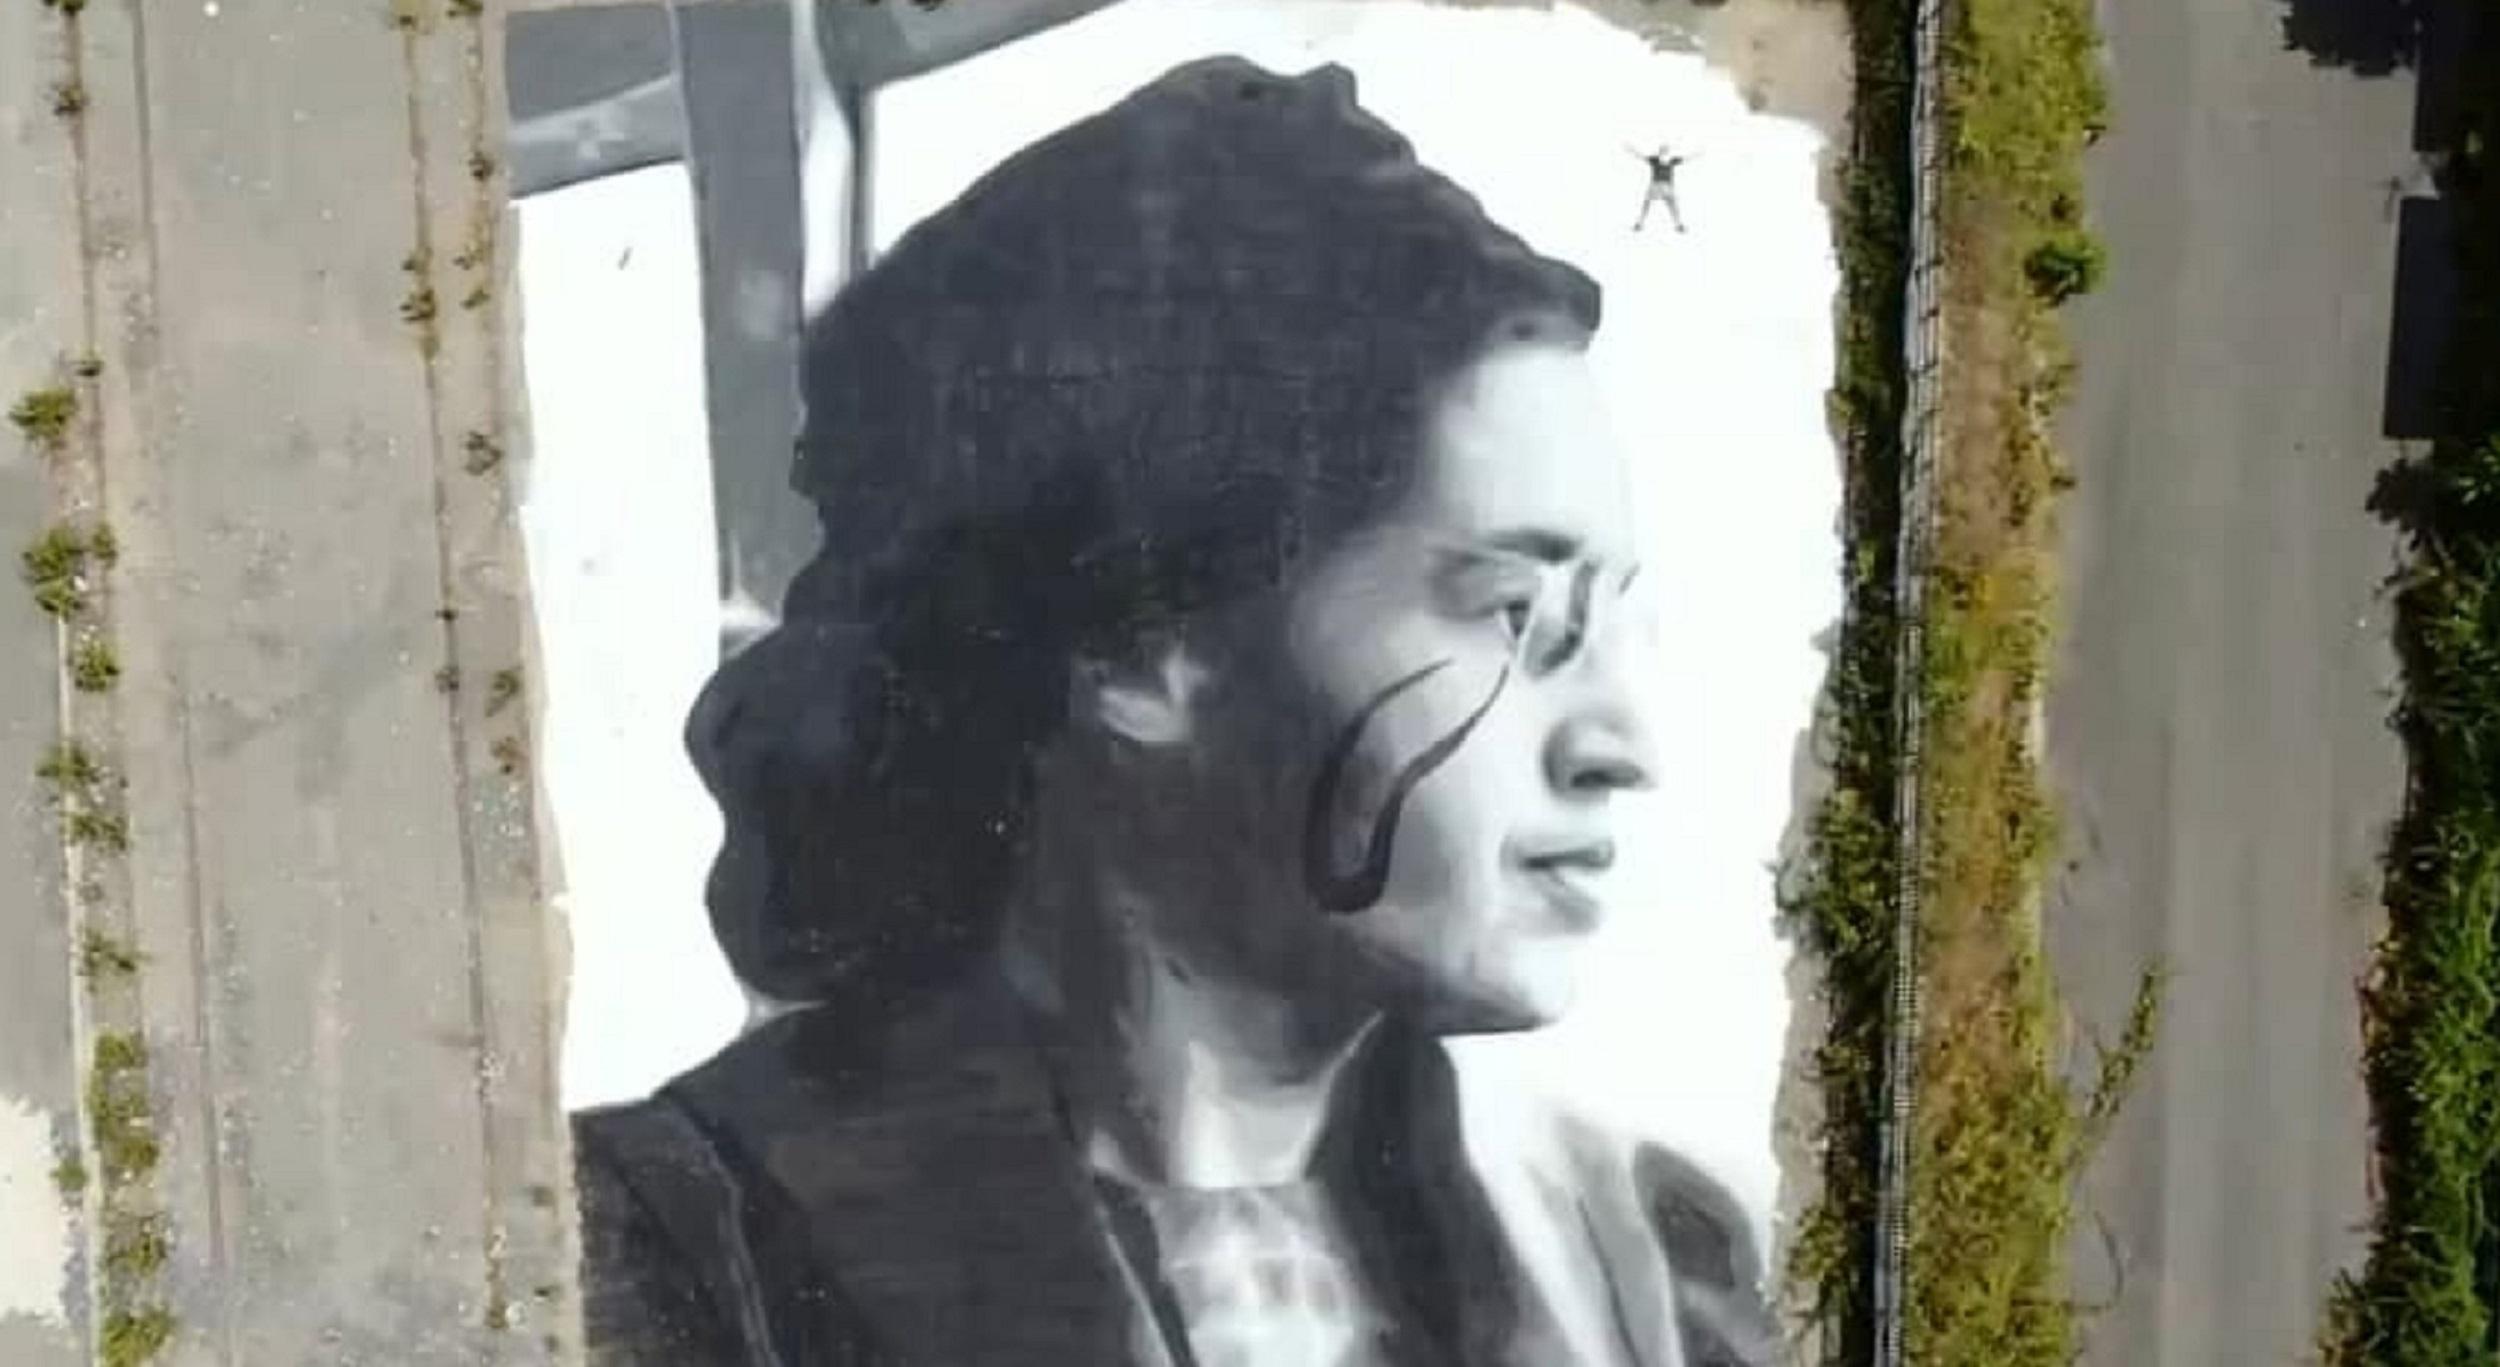 Jorit. A Napoli l'omaggio a Rosa Parks nel murale più grande di sempre